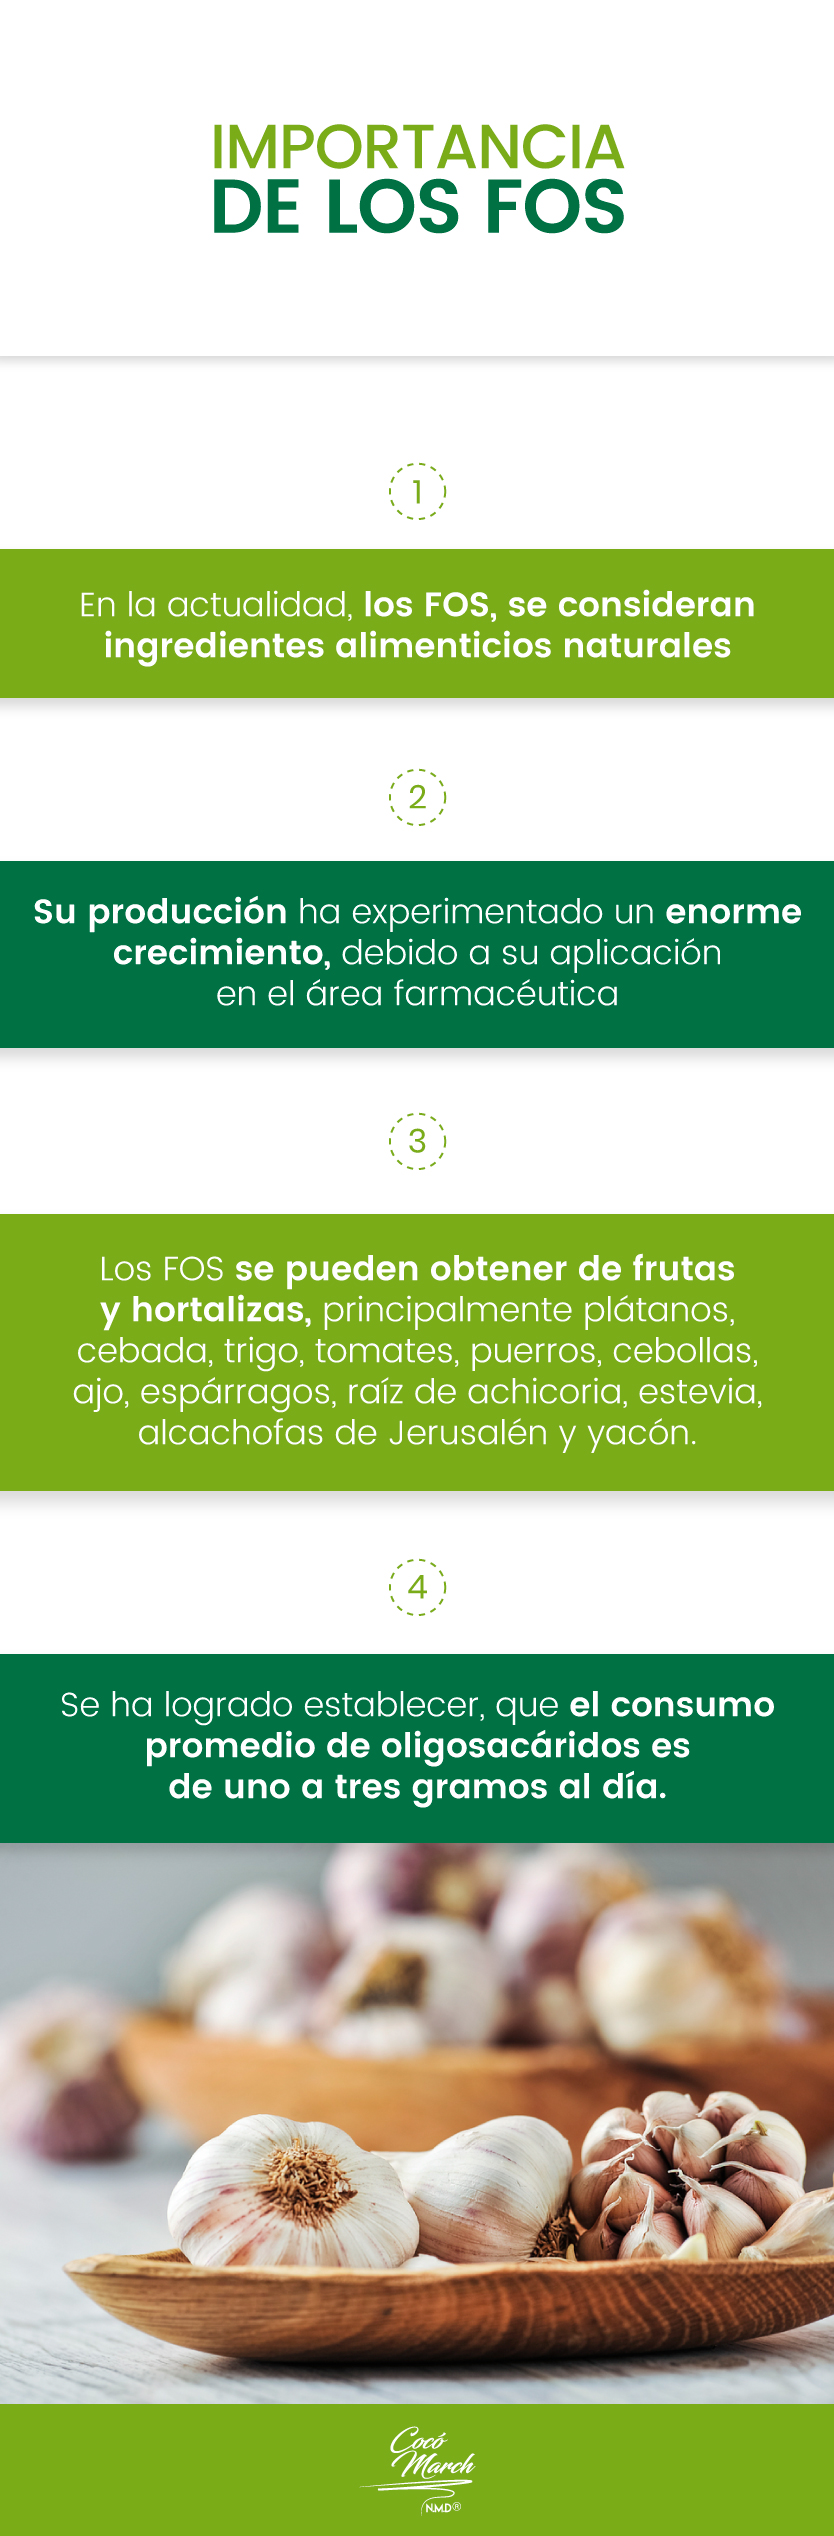 Fructooligosacáridos-importancia